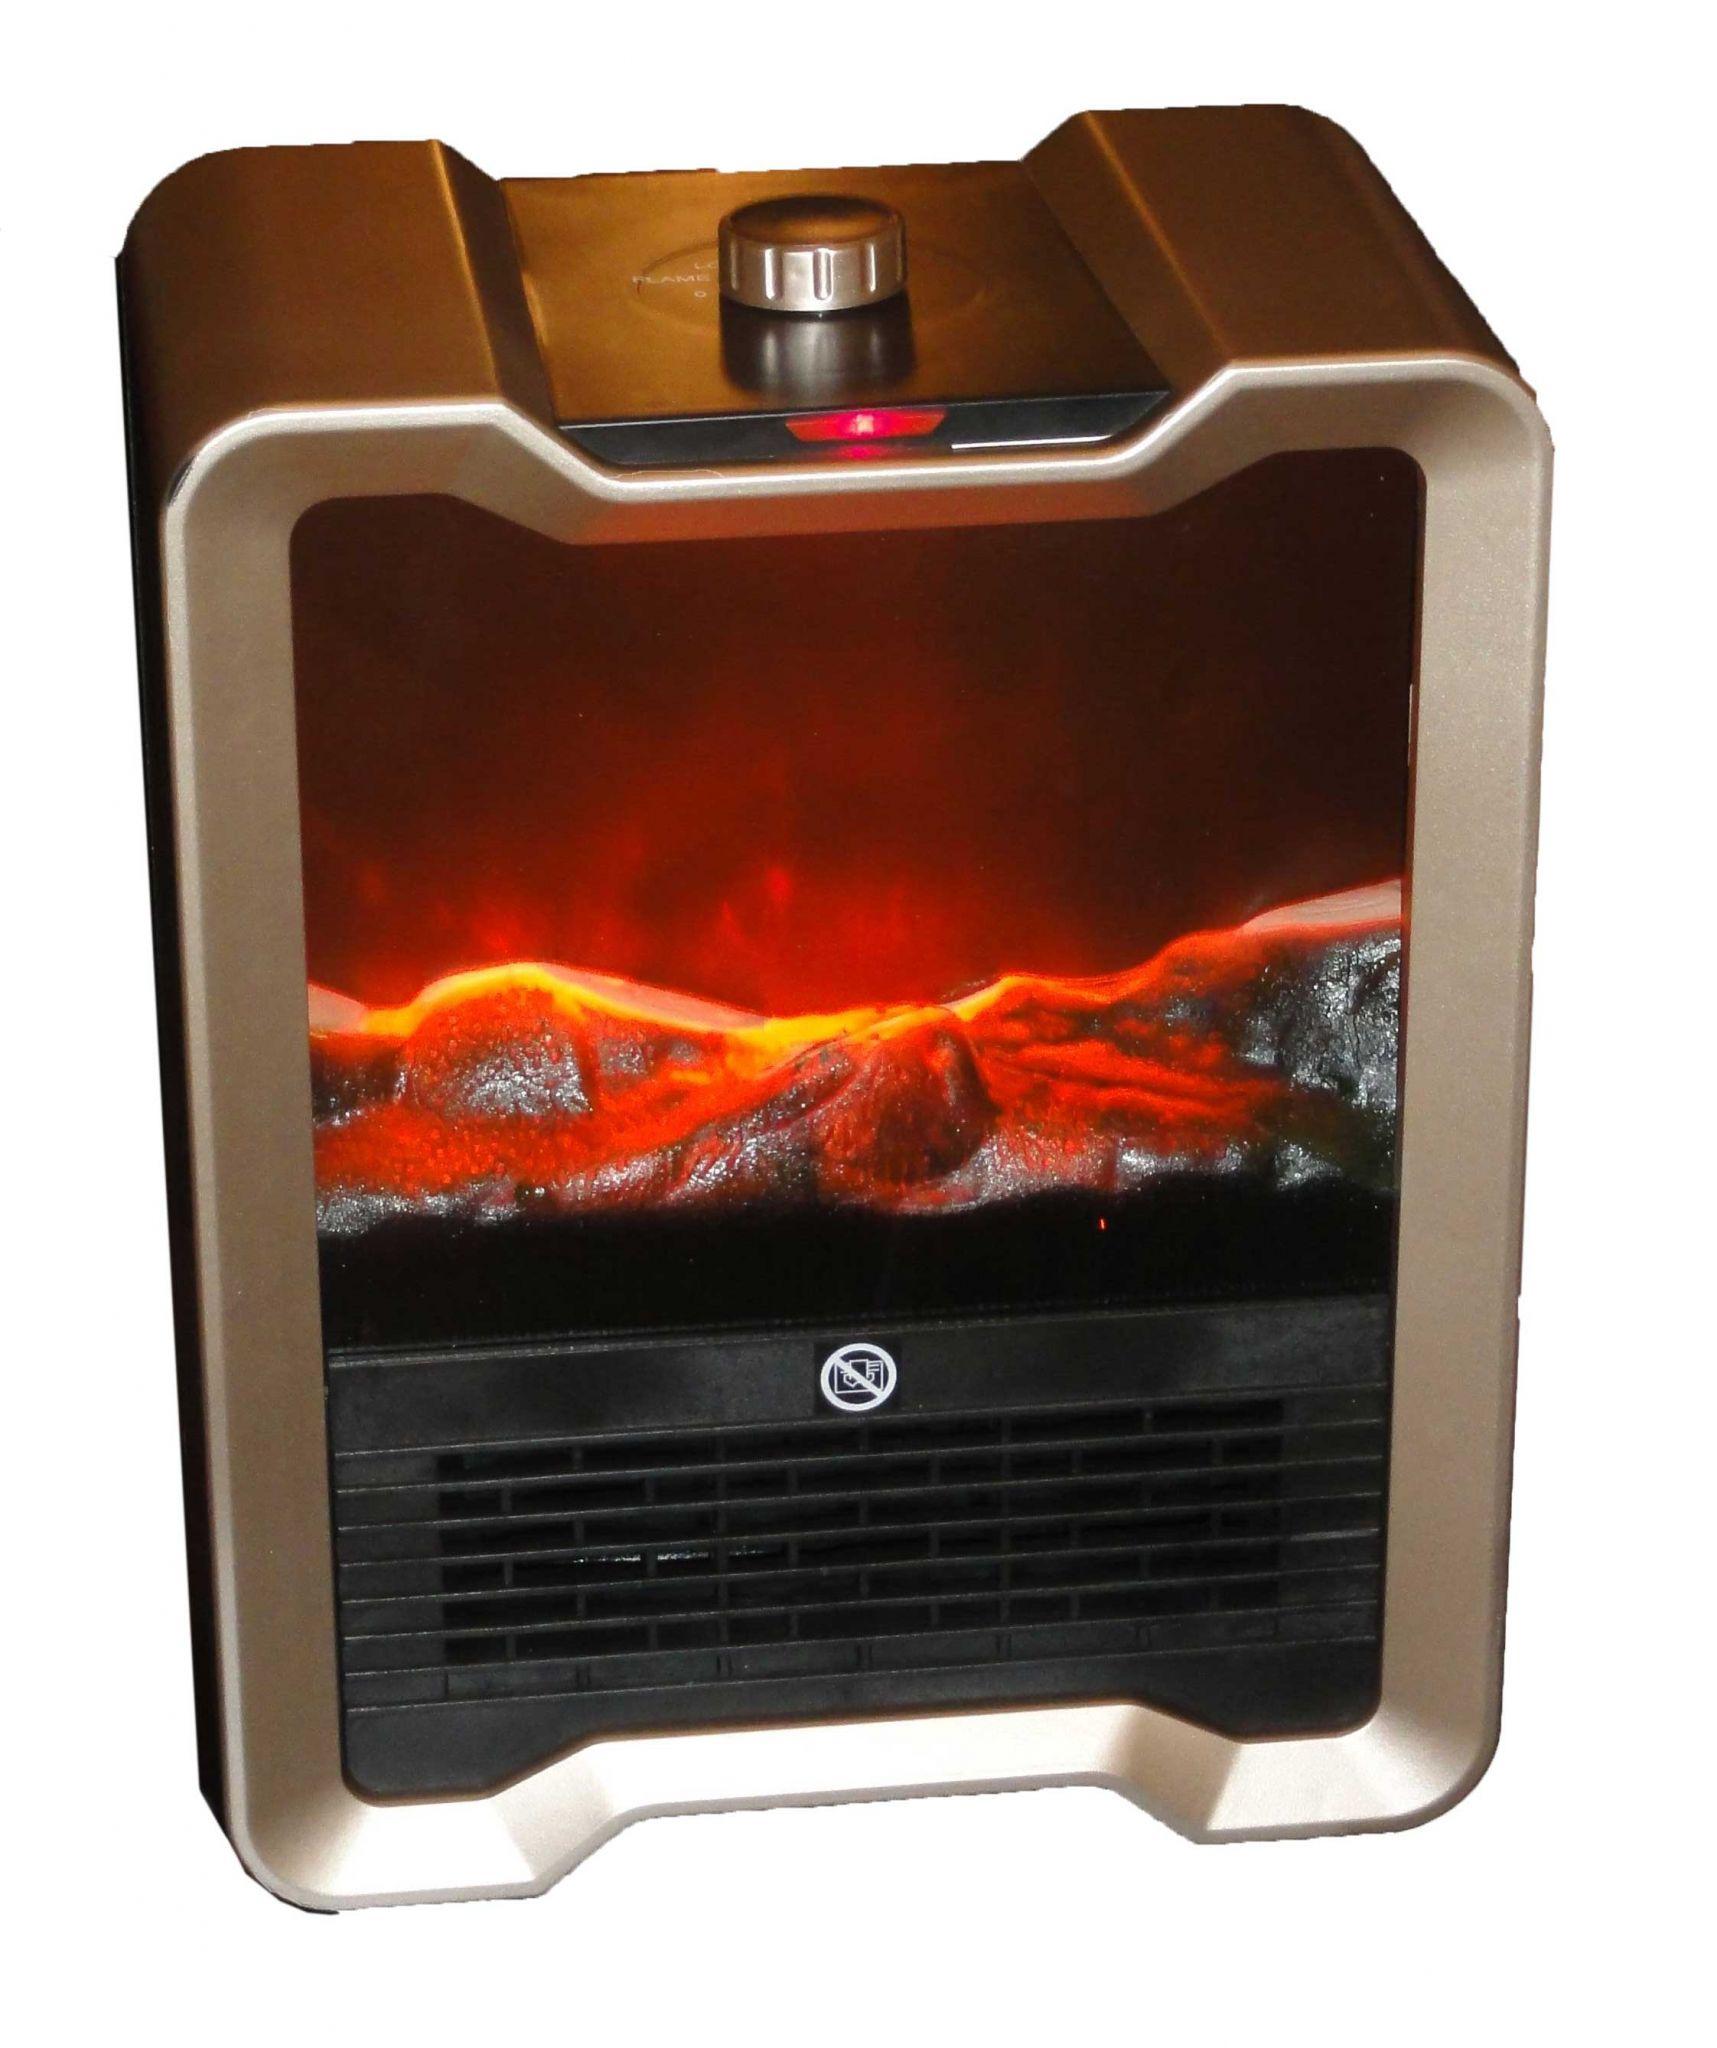 Электрокамин Real flameКамины электрические<br>Тип камина: электрокамин,<br>Управление: механическое,<br>Мощность: 1500,<br>Размеры: 397х524х650,<br>Длина (мм): 524,<br>Ширина: 397,<br>Высота: 650,<br>Тип установки: напольный<br>